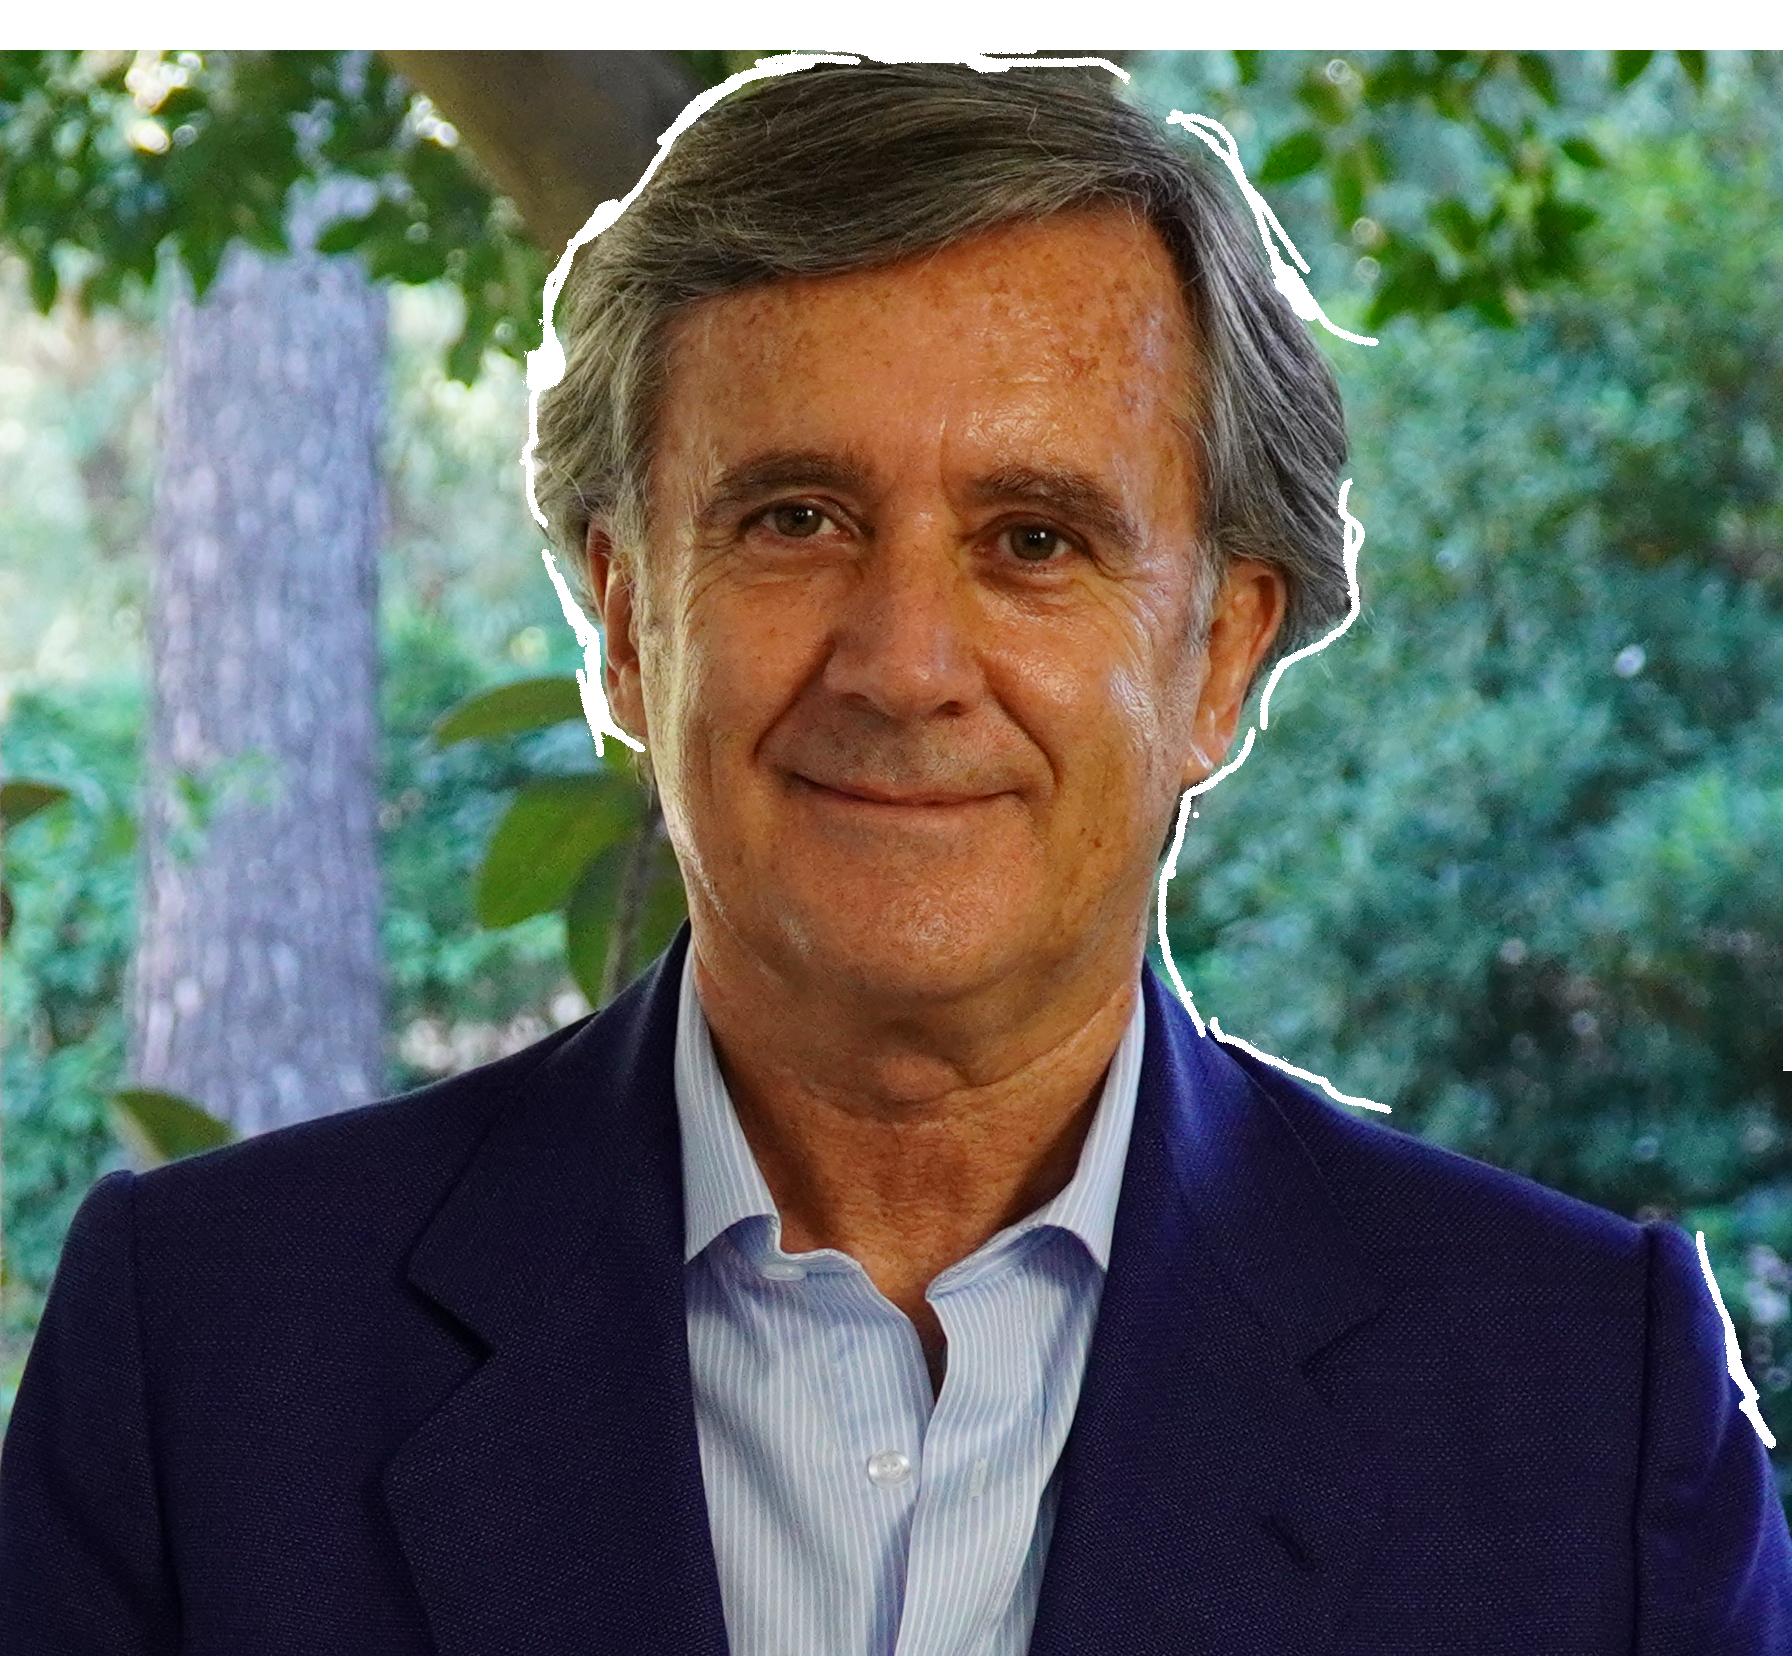 Tomás Pereda